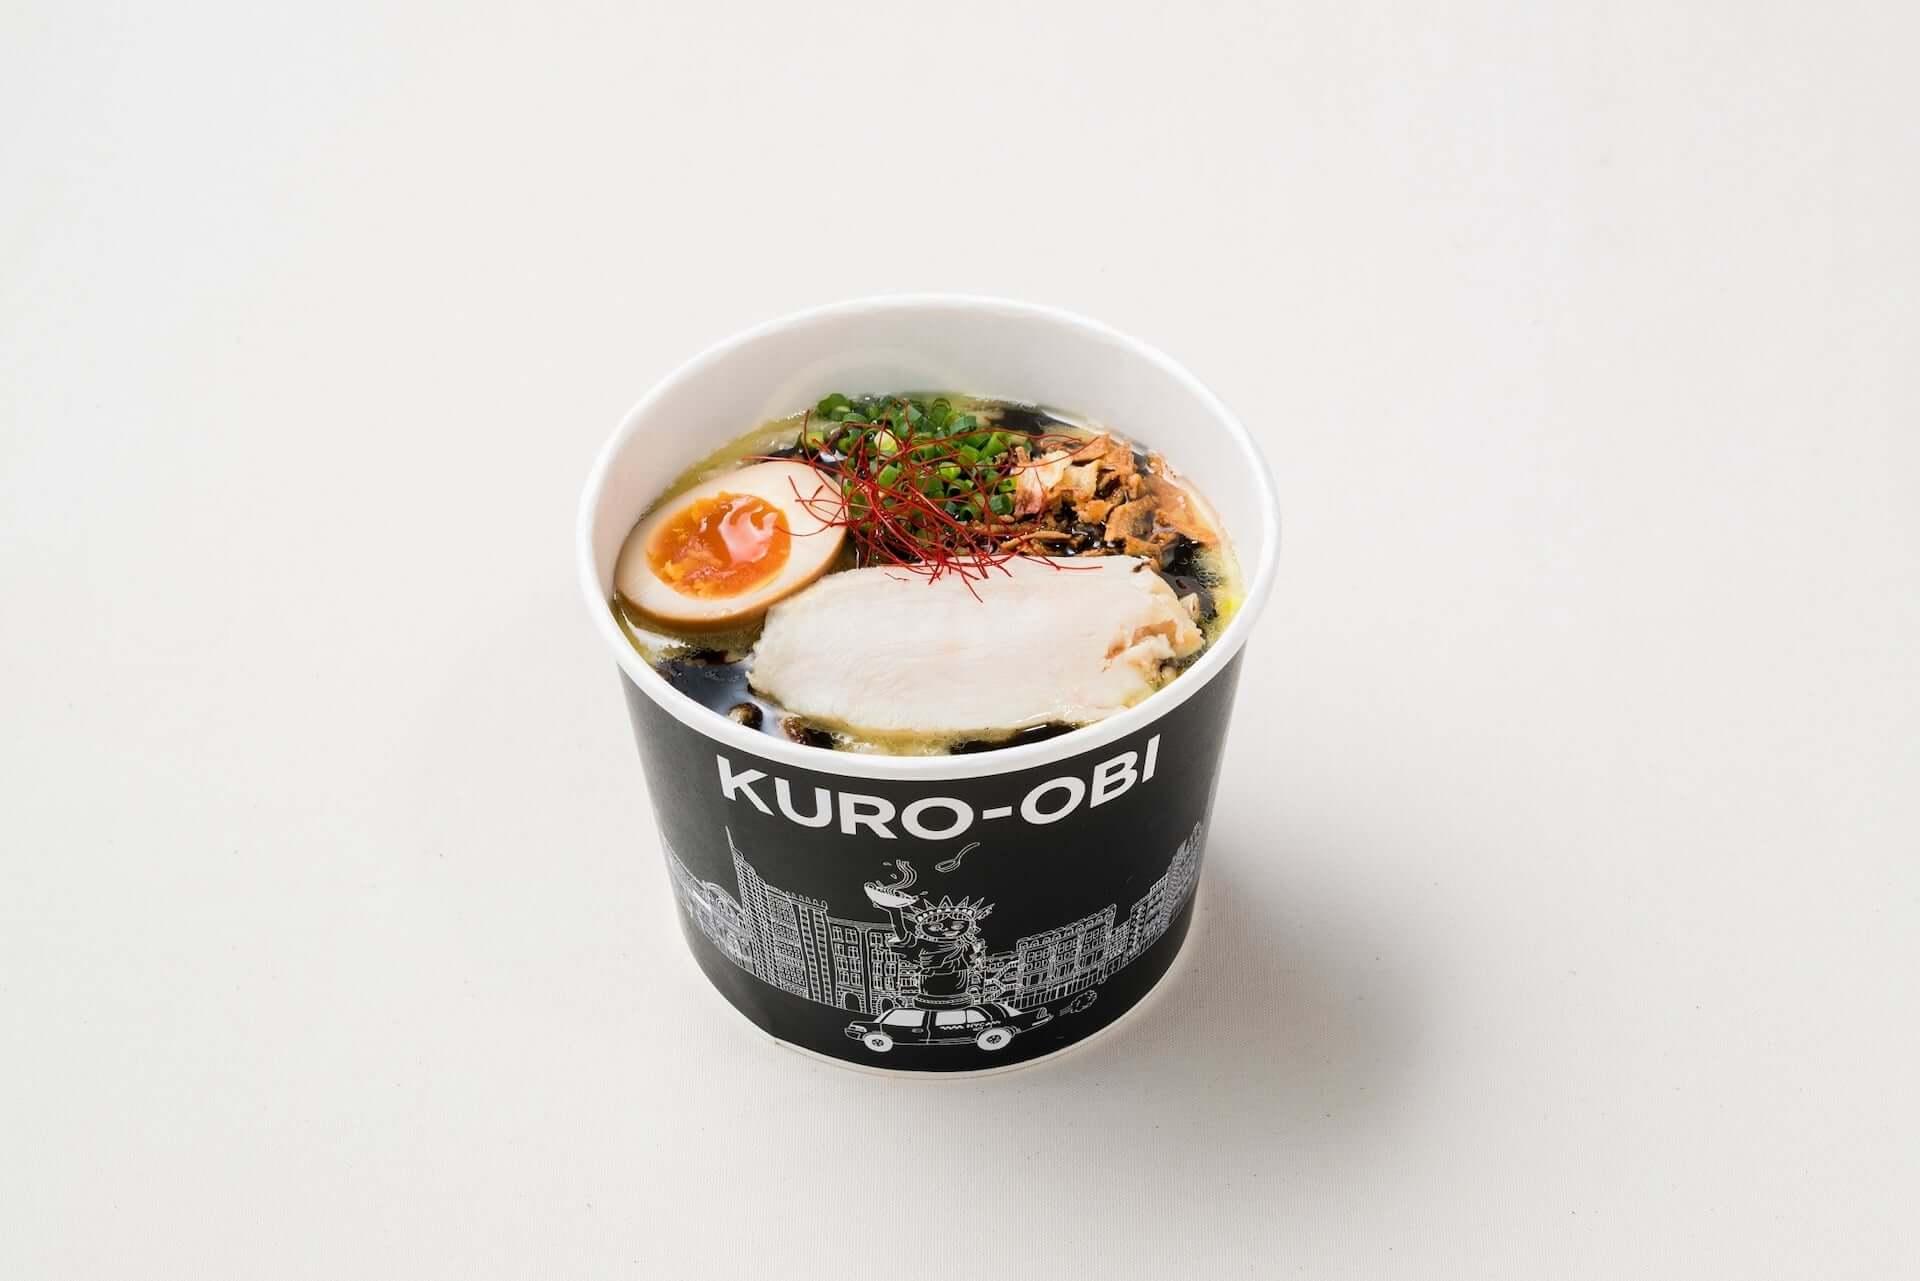 ベジタリアン向けや和牛ラーメンも!渋谷「RAYARD MIYASHITA PARK」にオープン予定のNY発祥ラーメンブランド「黒帯」のメニューが解禁 gourmet200722_kuroobi_4-1920x1281